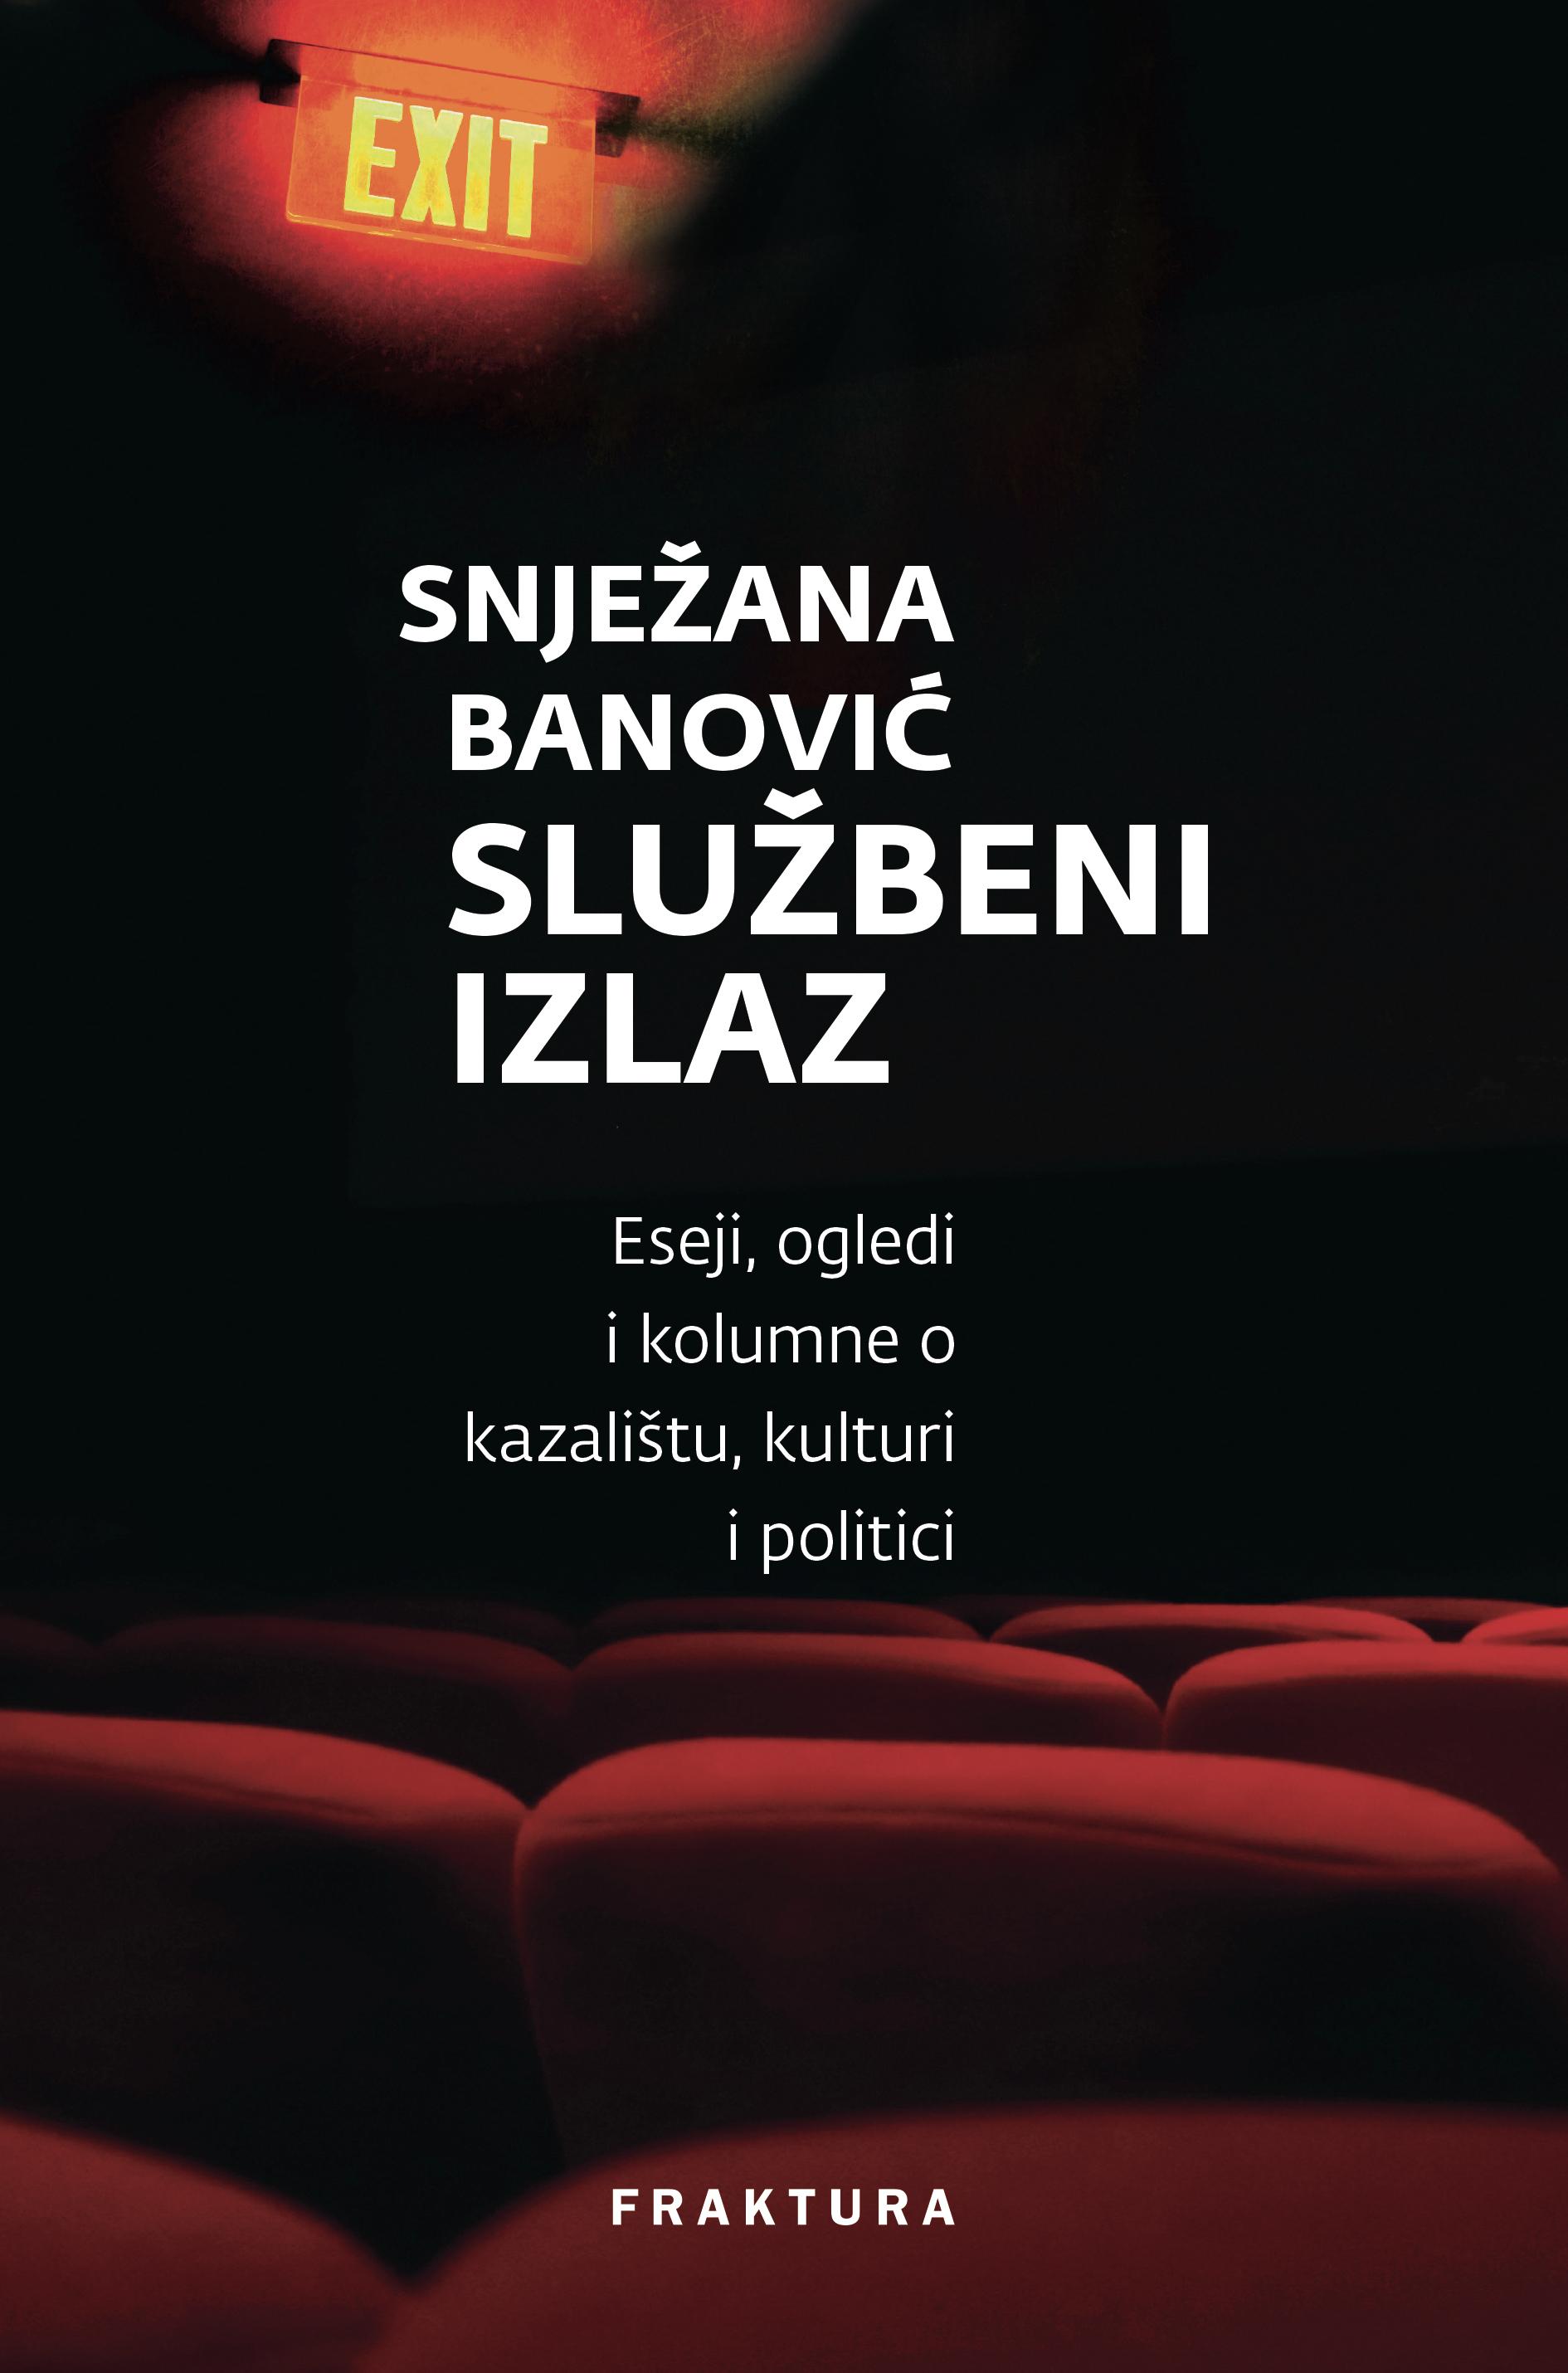 Snježana Banović u beogradskom CZKD-u